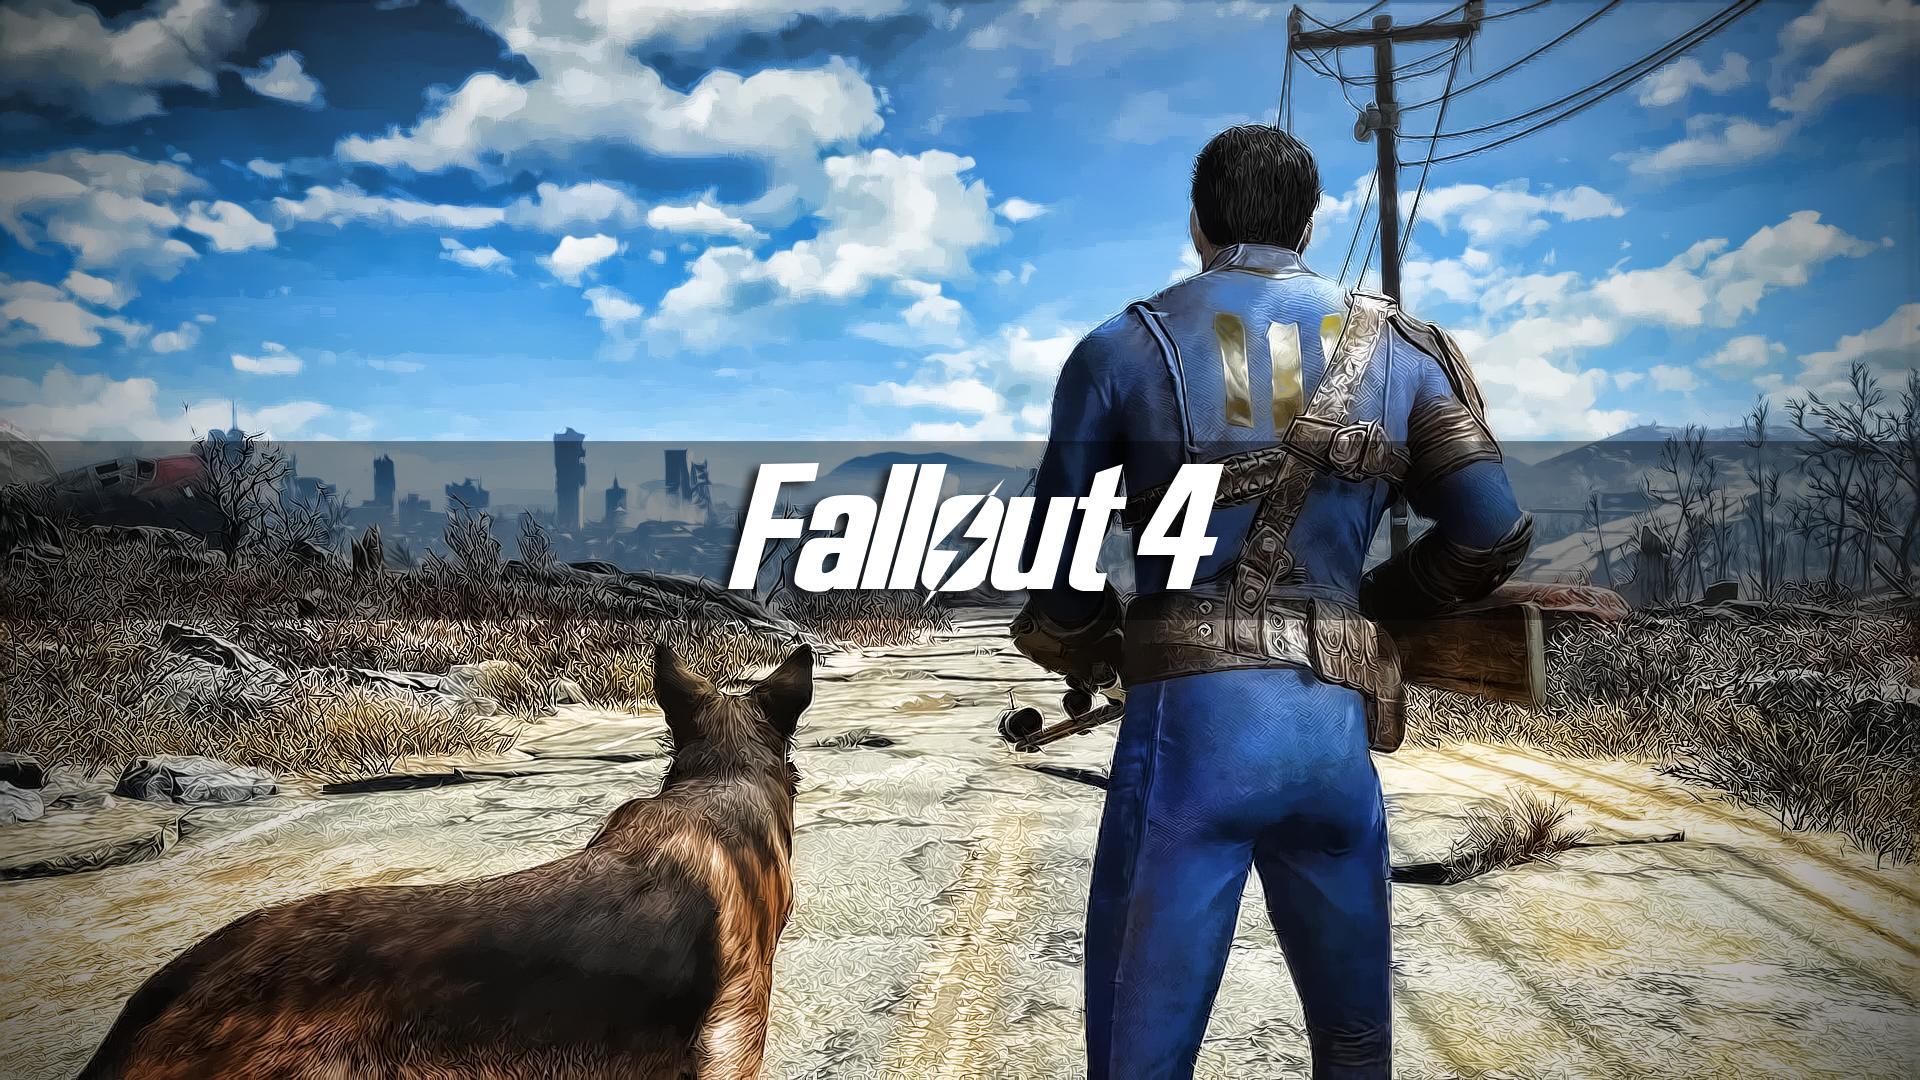 Citaten Seneca Fallout 4 : Fallout wallpapers achtergronden id